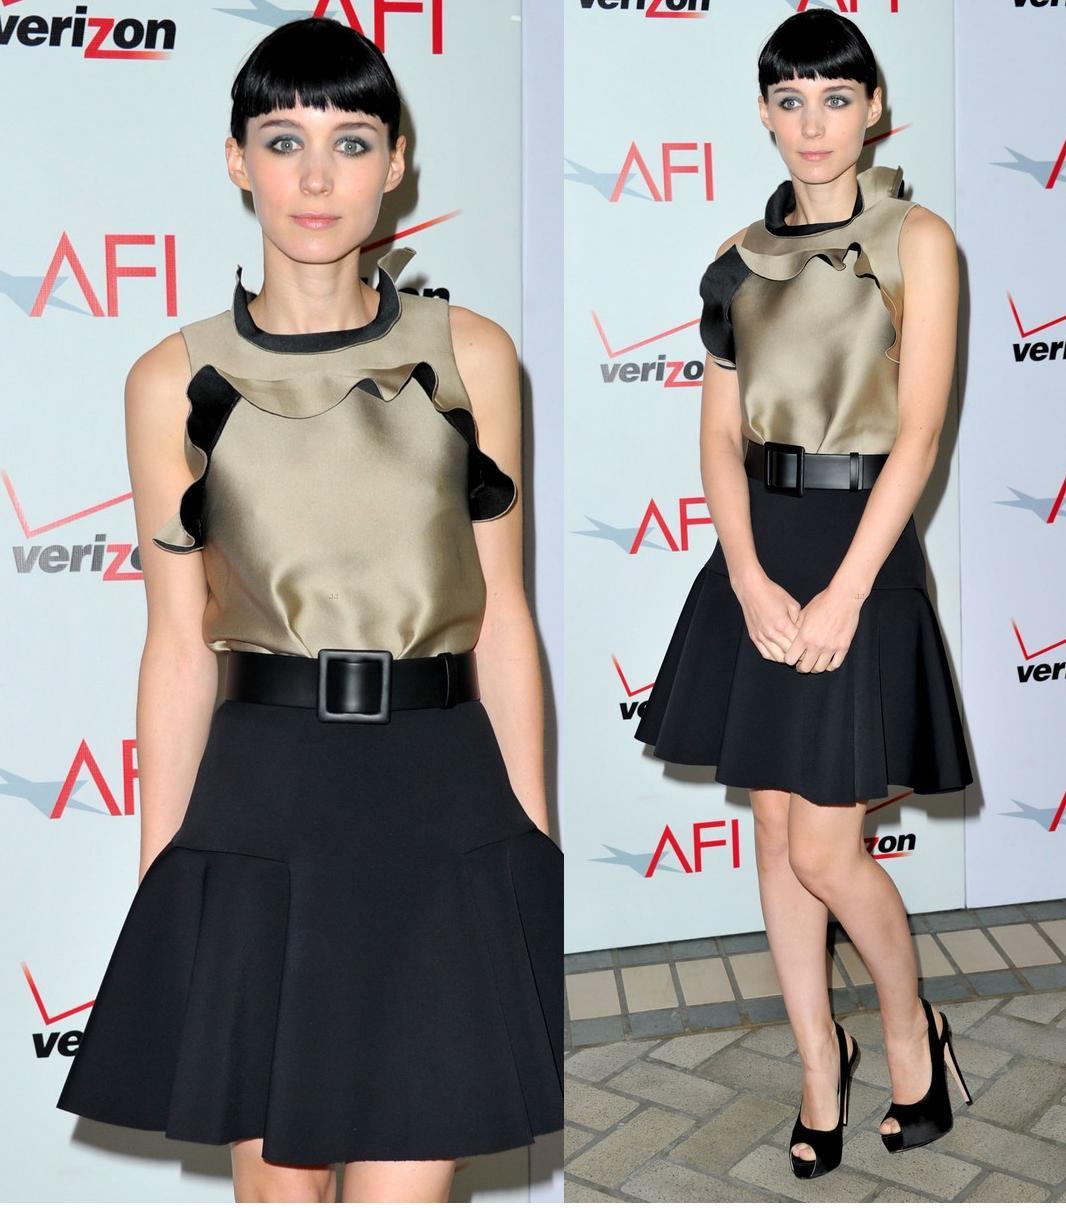 http://1.bp.blogspot.com/-t6hwgrQmVvE/TxC9tB4QBNI/AAAAAAAAEJo/j0sayOMfHvA/s1600/Rooney+Mara+In+Lanvin+Pre+Fall+2012+-+2012+AFI+Awards.jpg